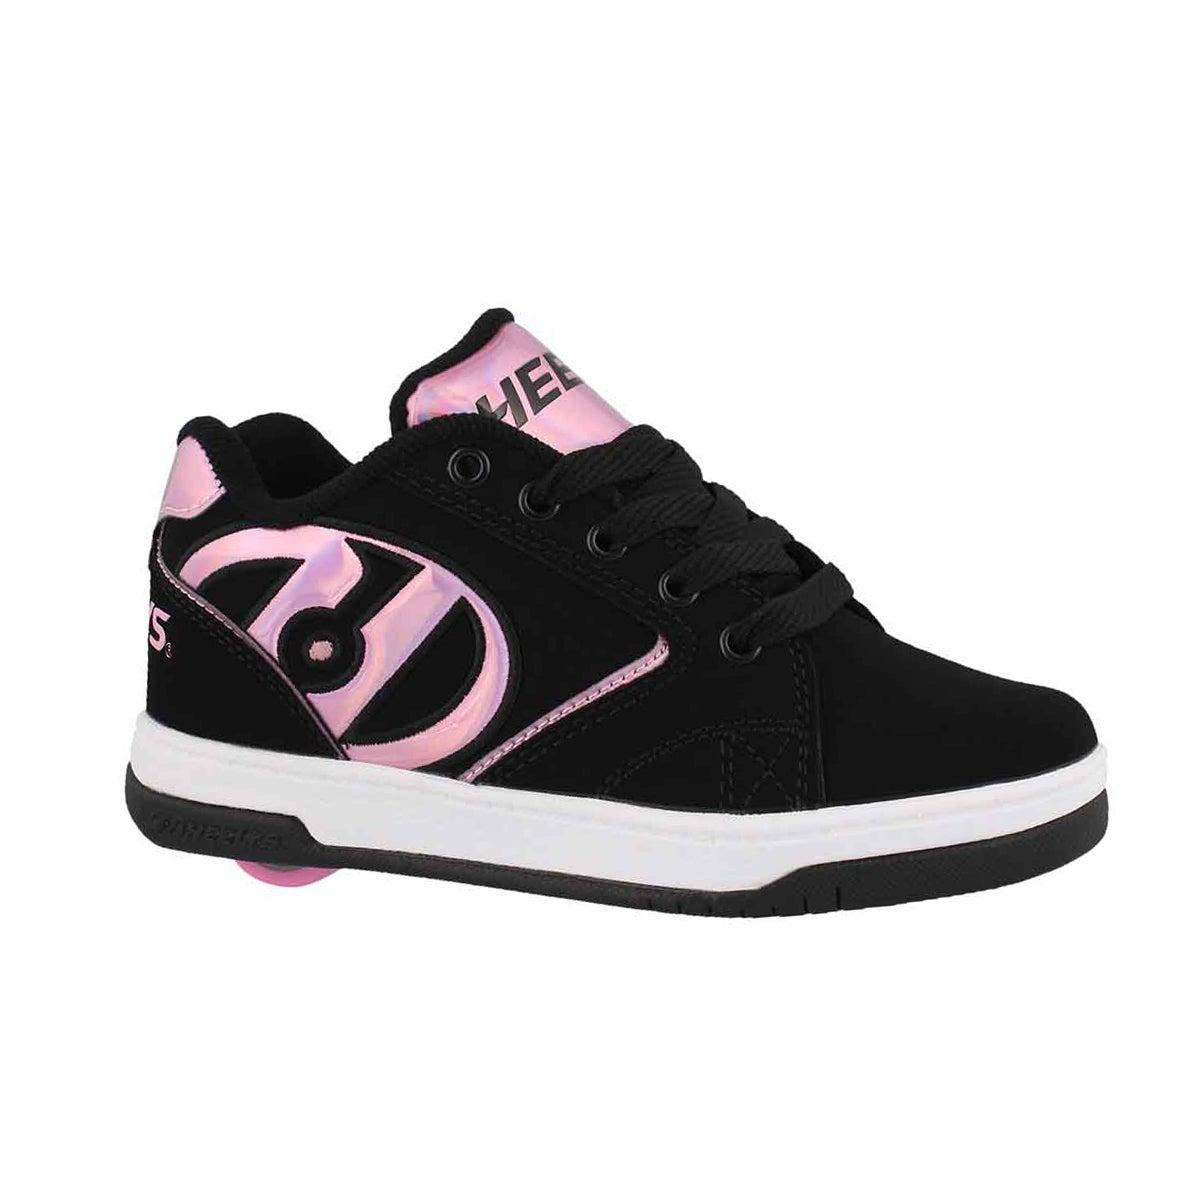 Grls Propel 2.0 bk/pnk/gas skate sneaker